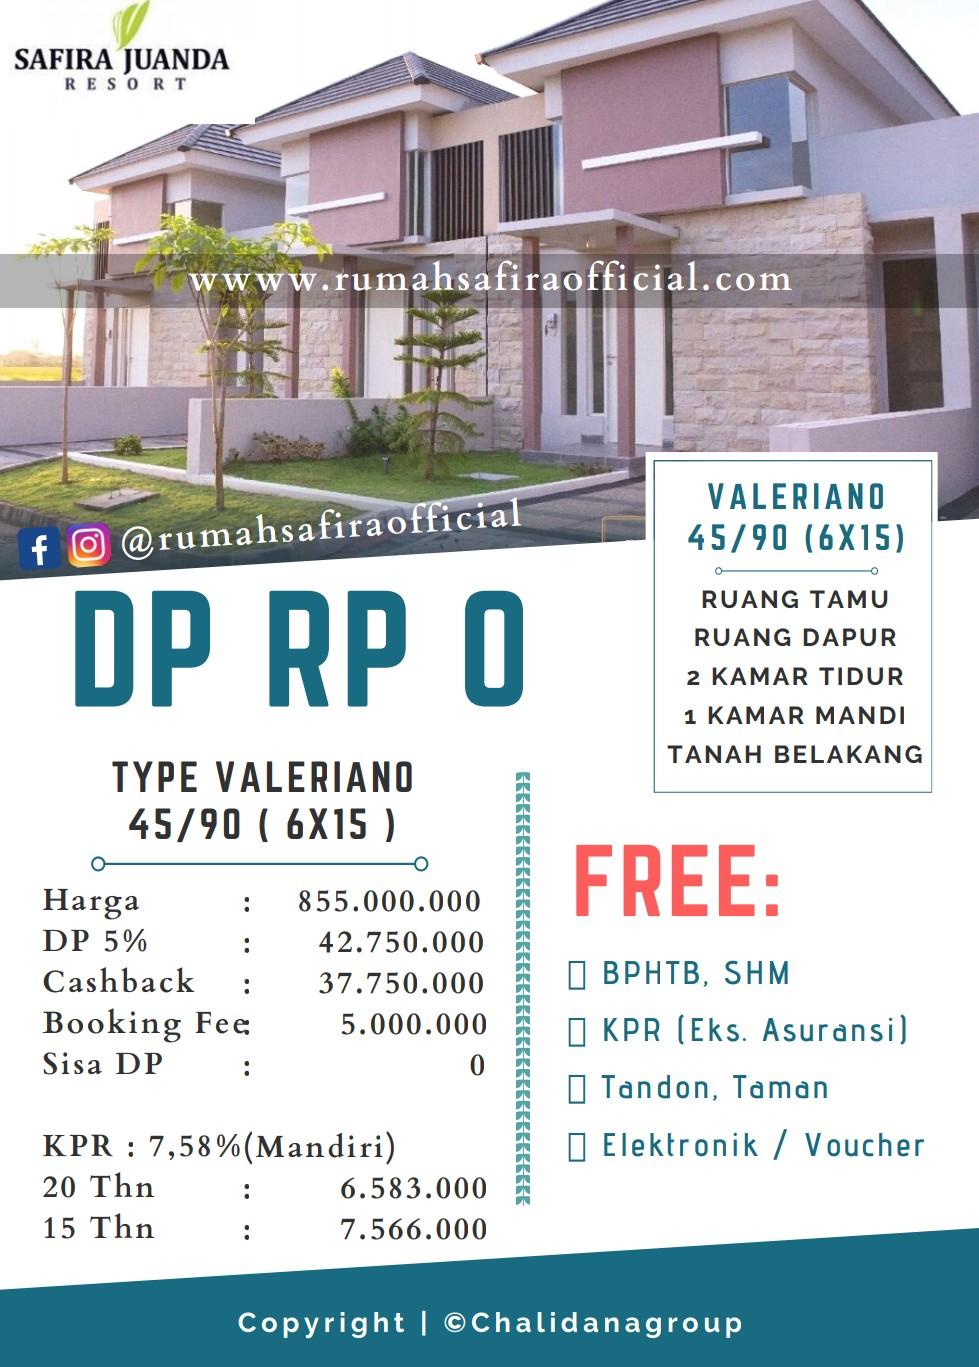 Safira Juanda Resort Siap Huni Dp 0 Rumah Safira Official